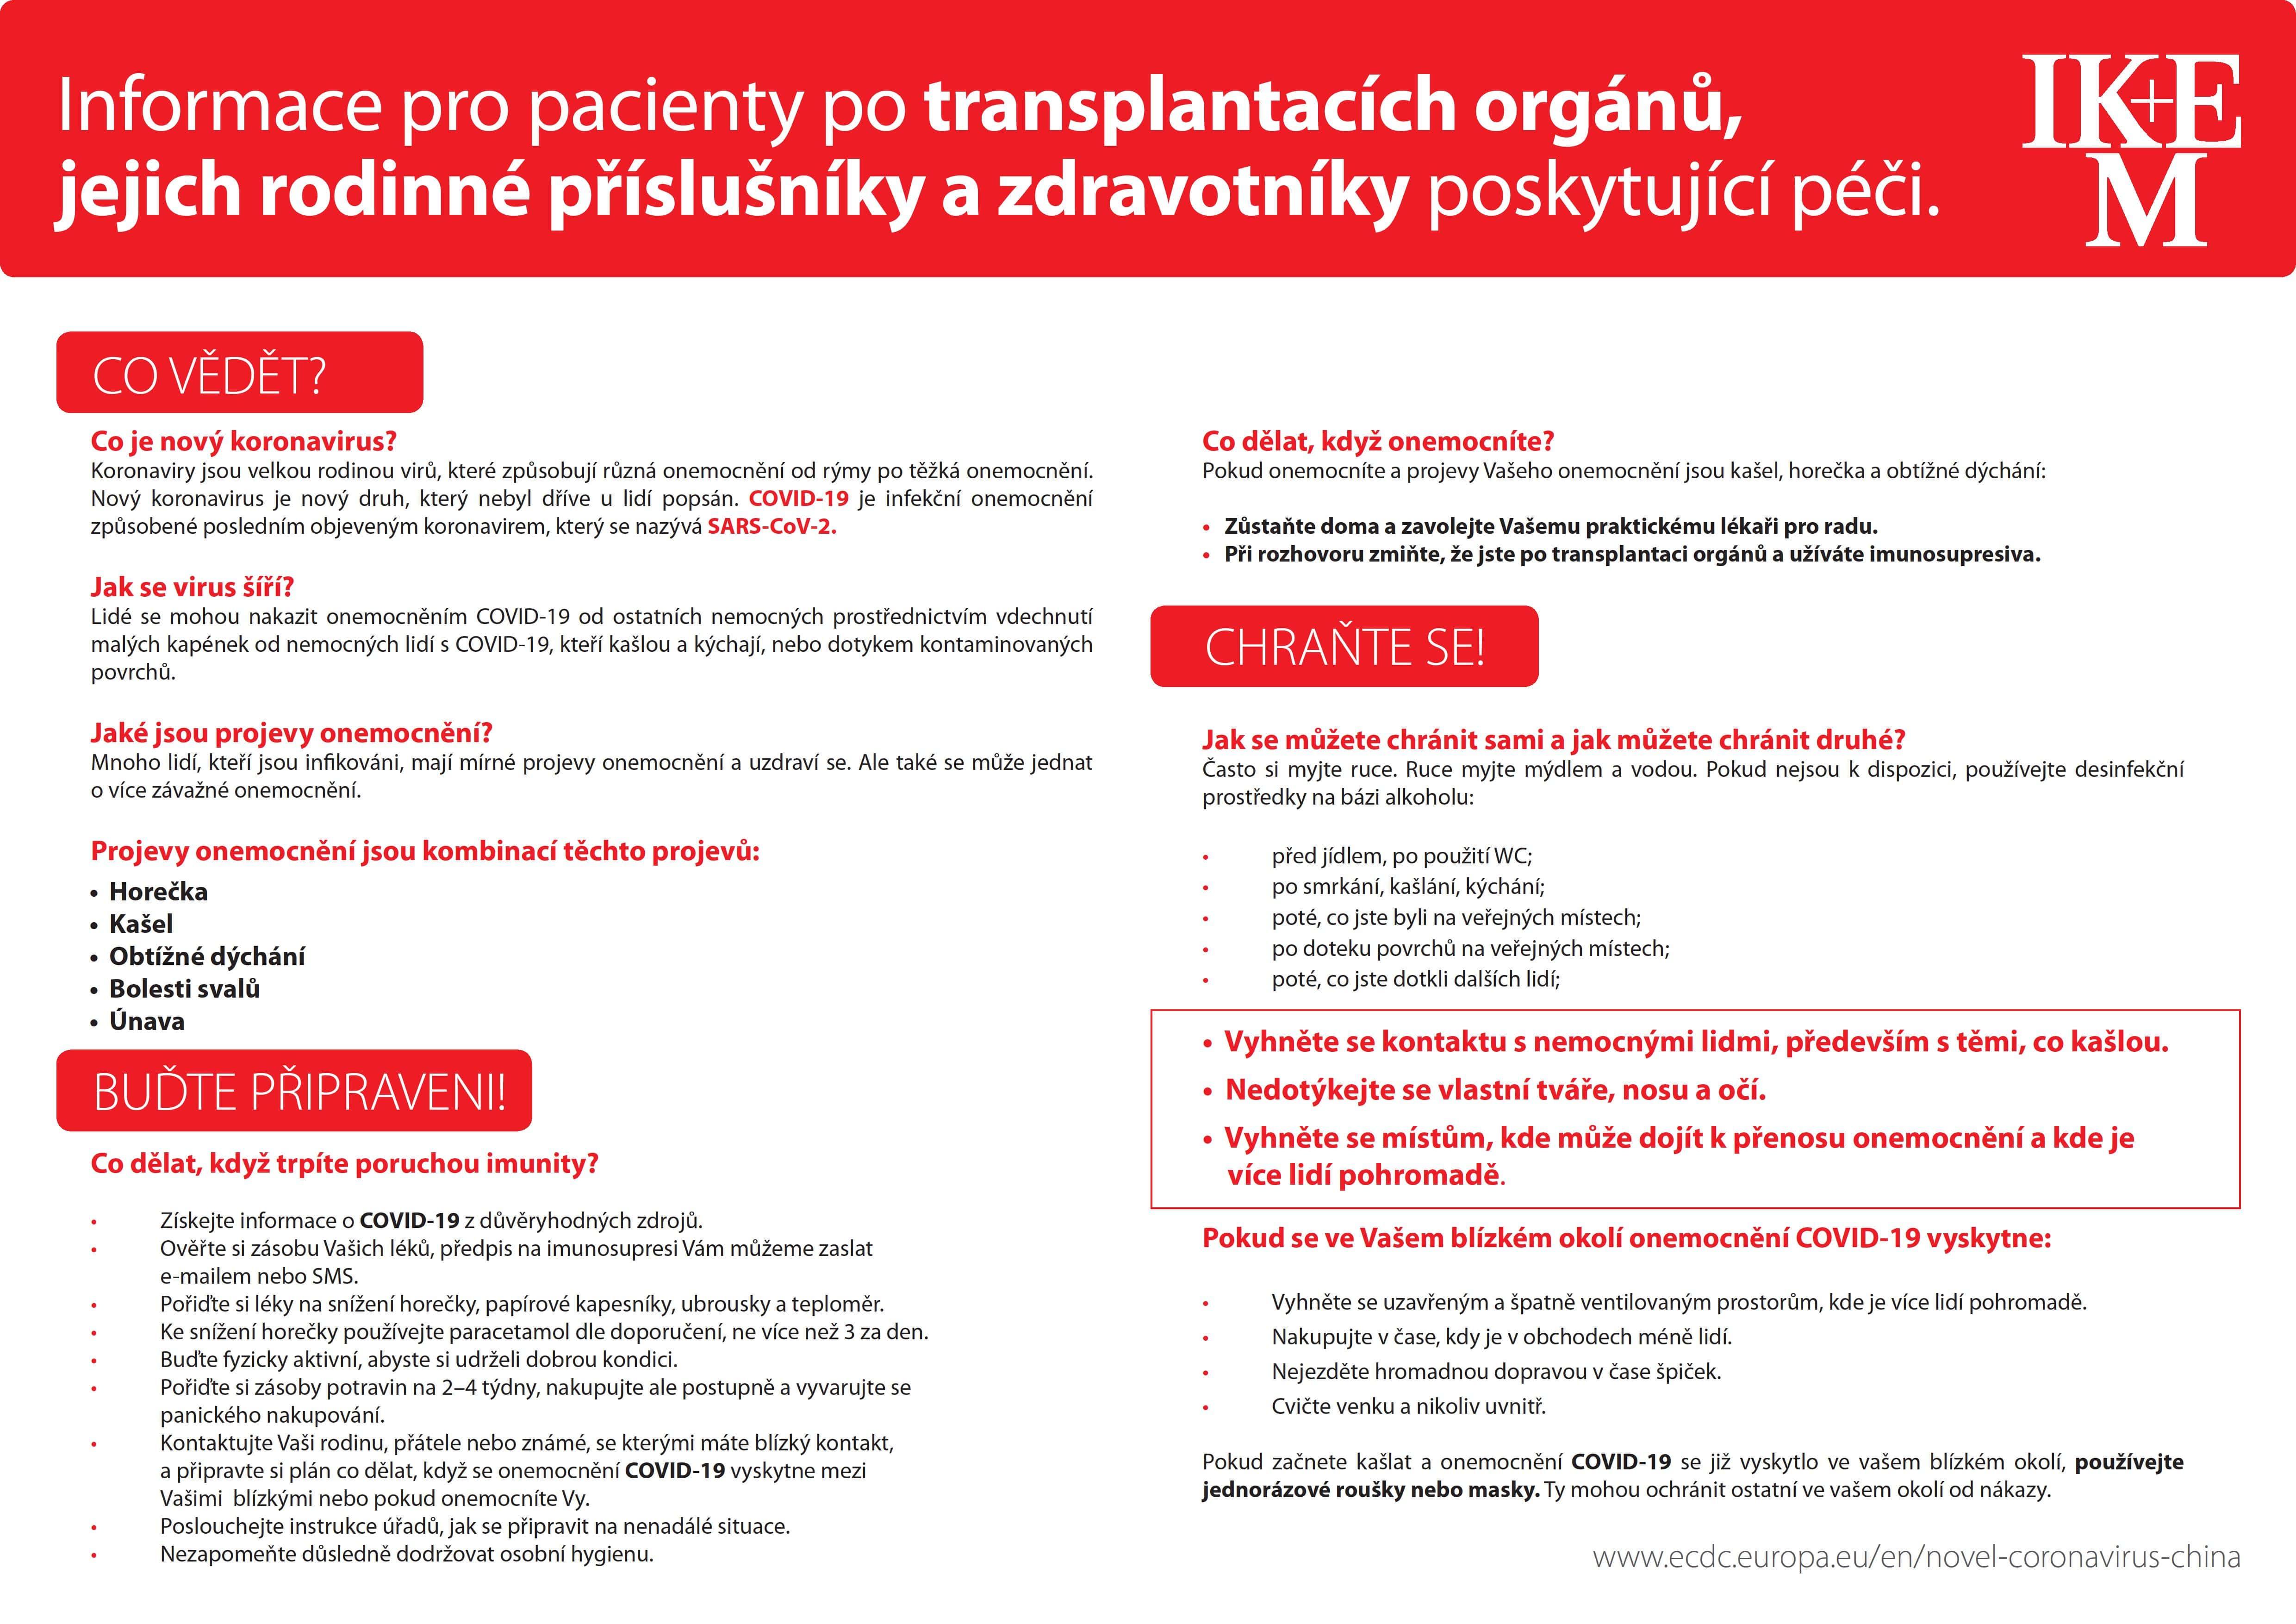 Informace pro pacienty po transplantacích orgánů, jejich rodinné příslušníky a zdravotníky poskytující péči.